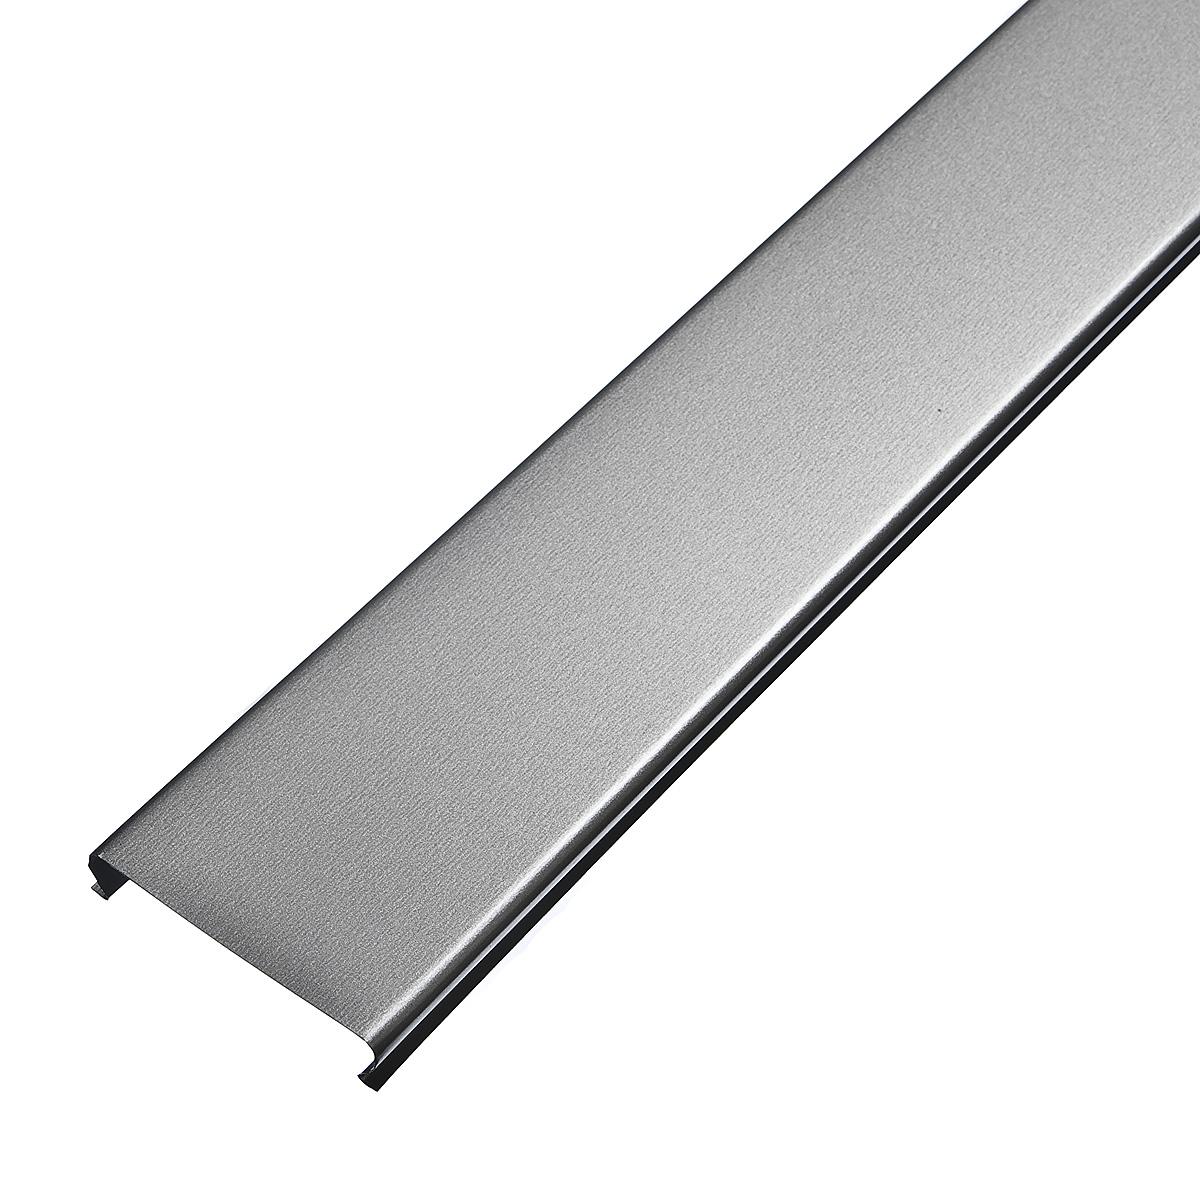 Рейка сплошная Омега А 100АТ 4м серебристый металлик